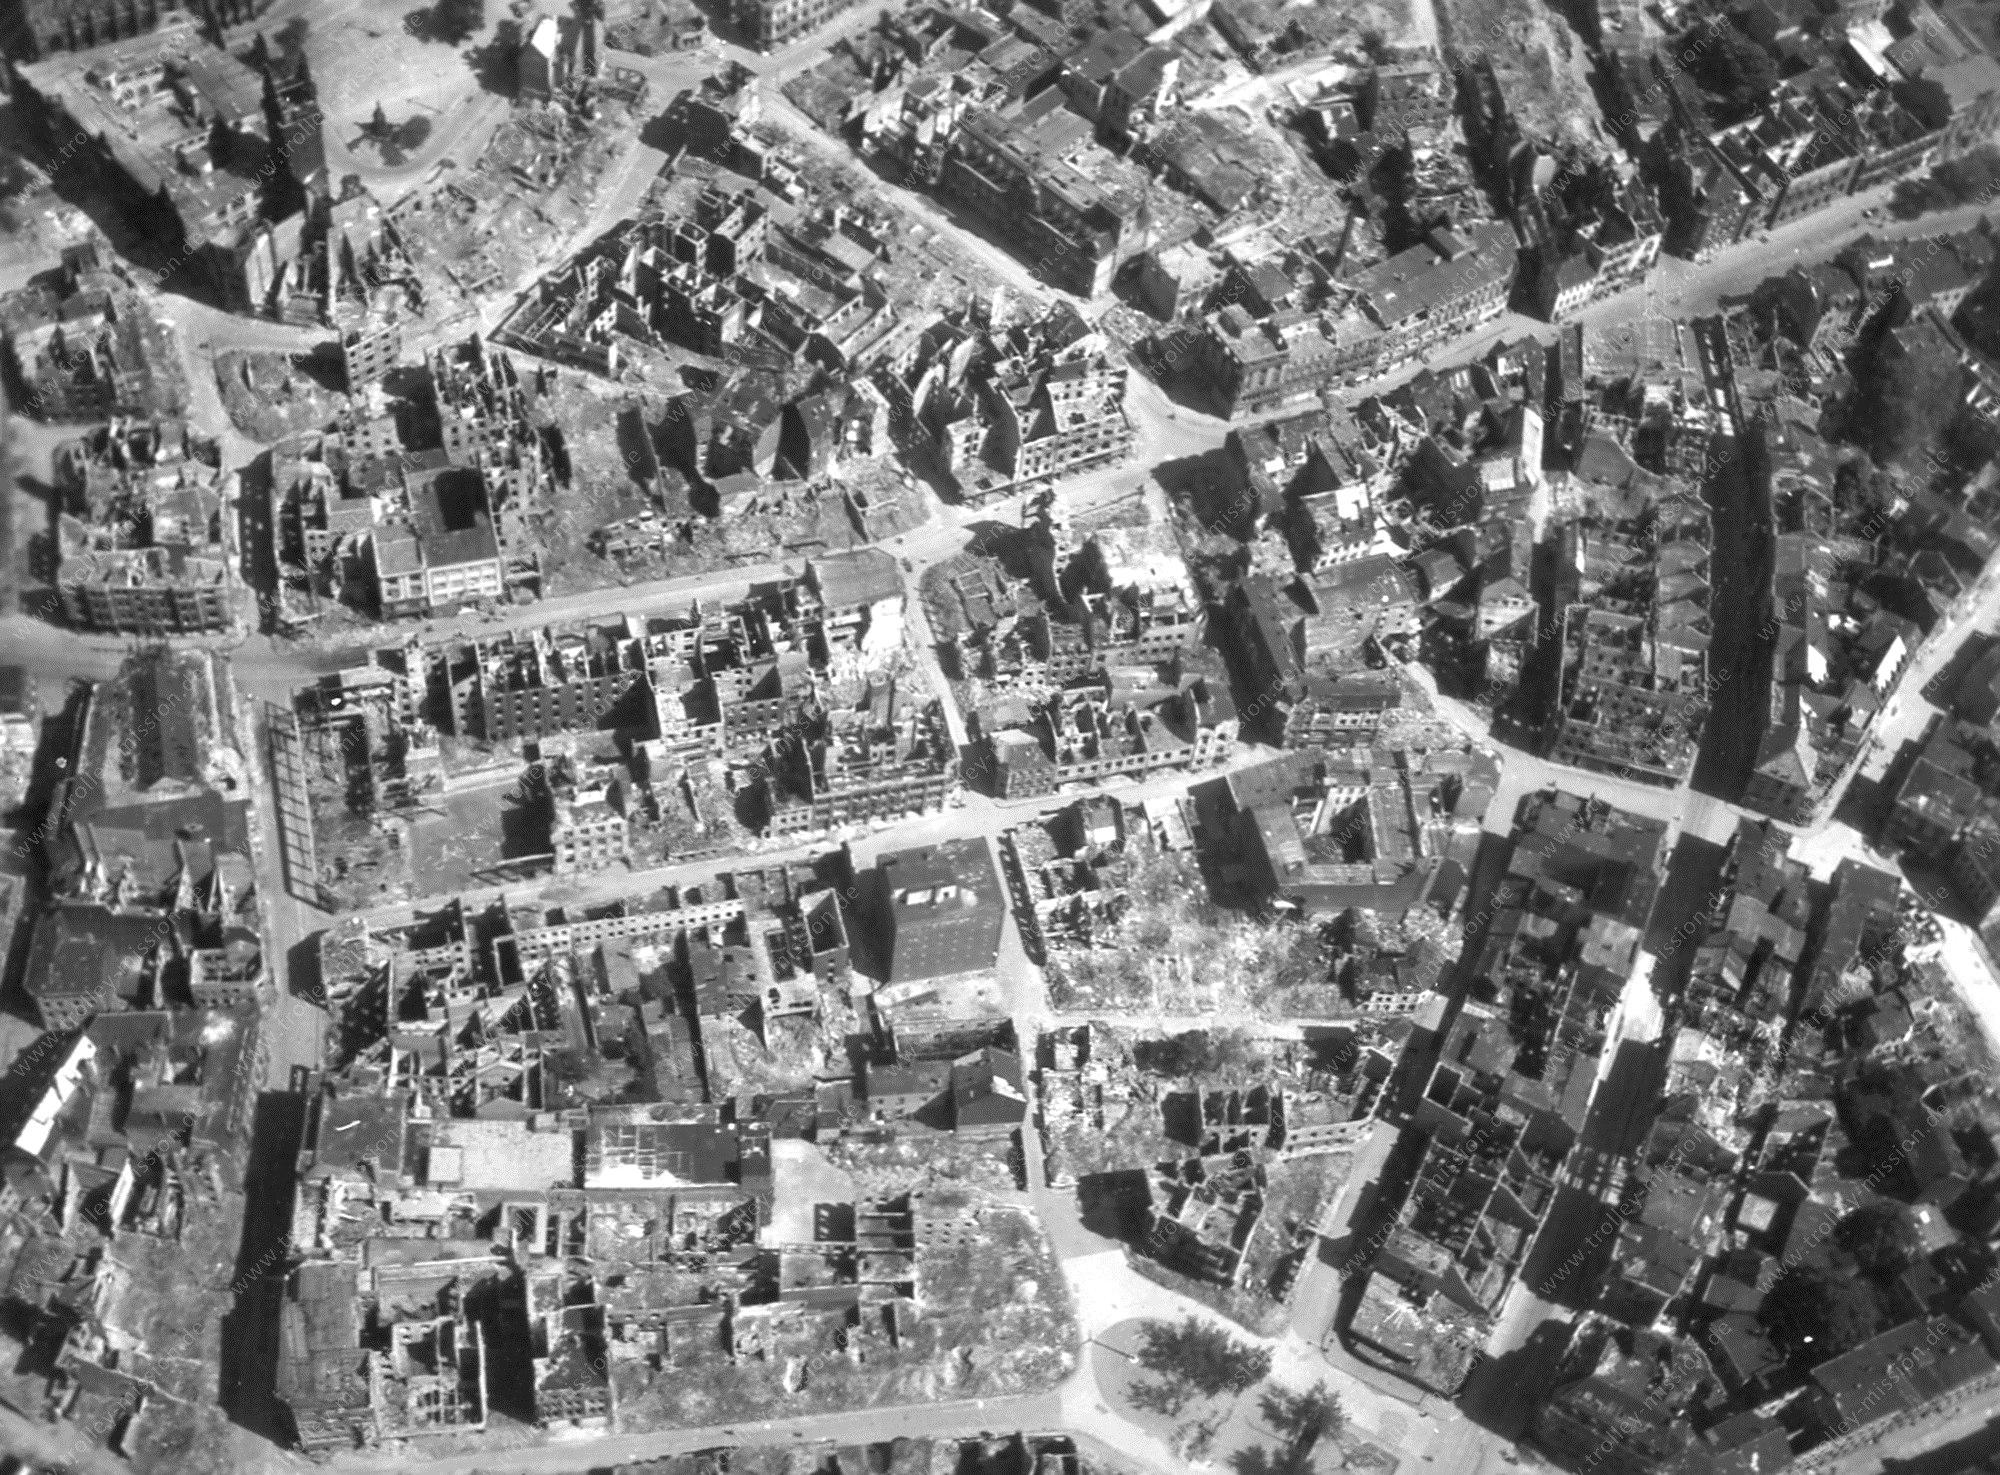 Luftbild der durch Weltkriegsbomen völlig zerstörten Innenstadt von Duisburg